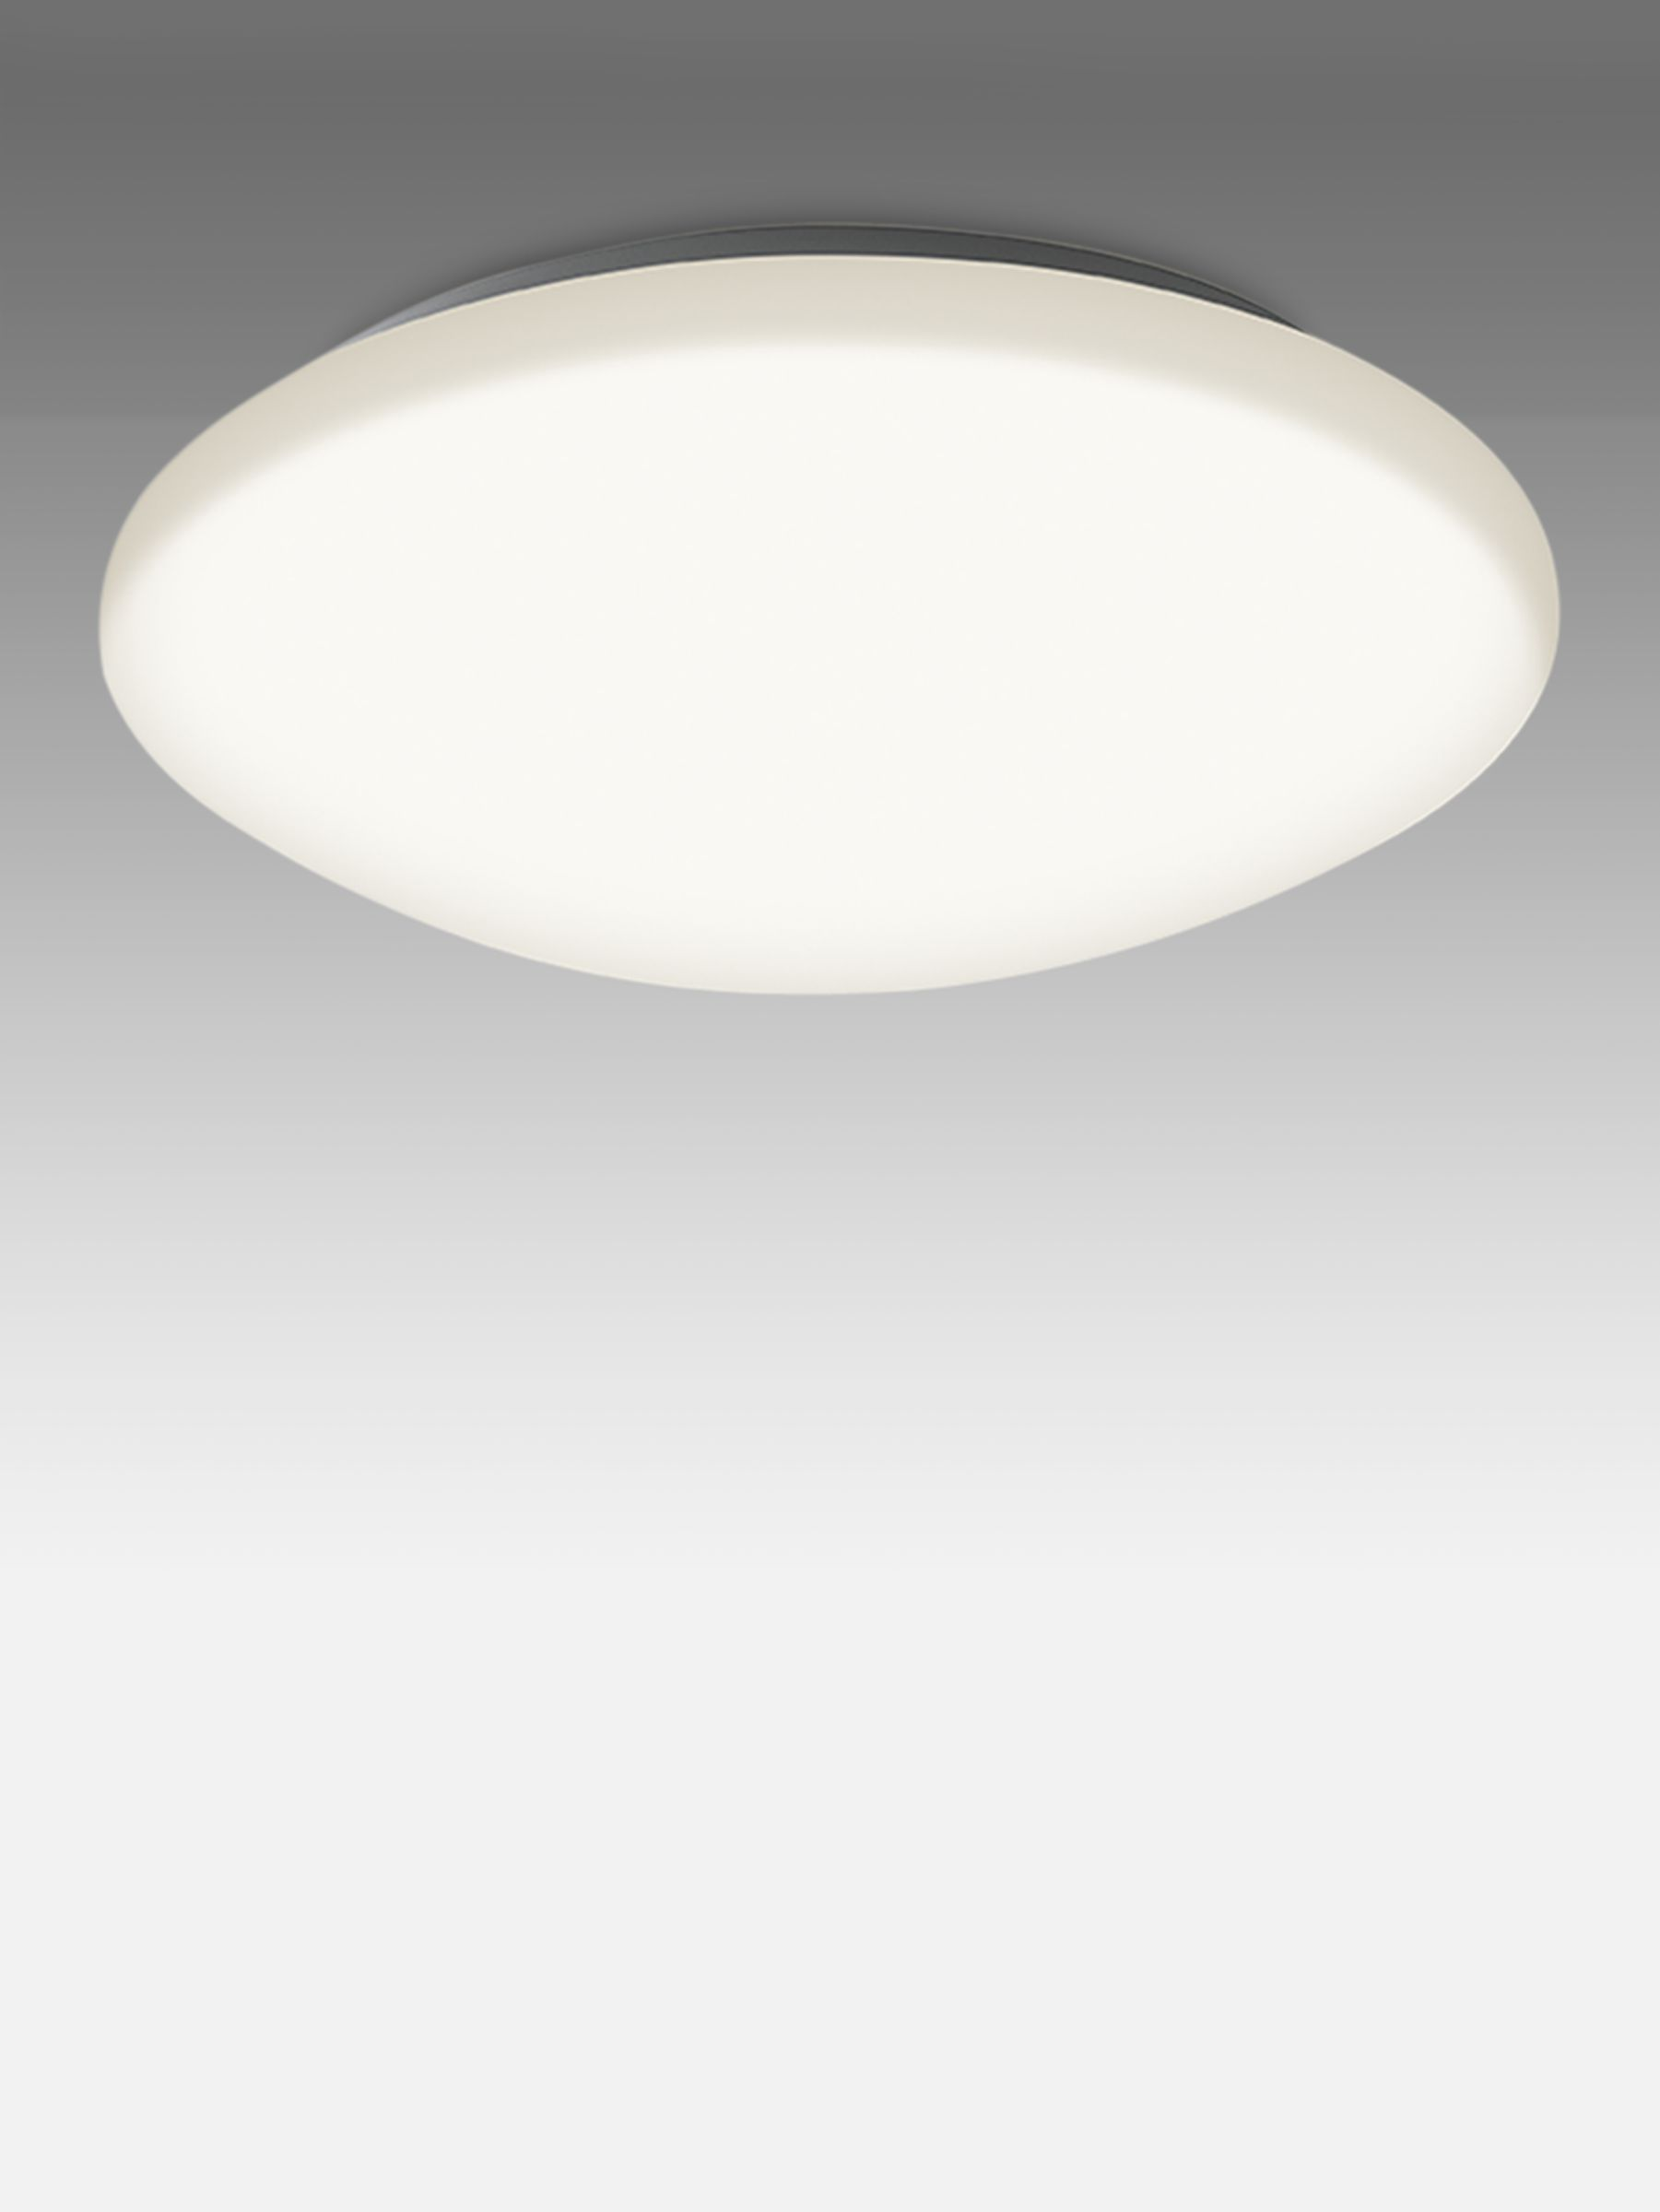 ASTRO Astro Massa LED Flush Bathroom Ceiling Light, White